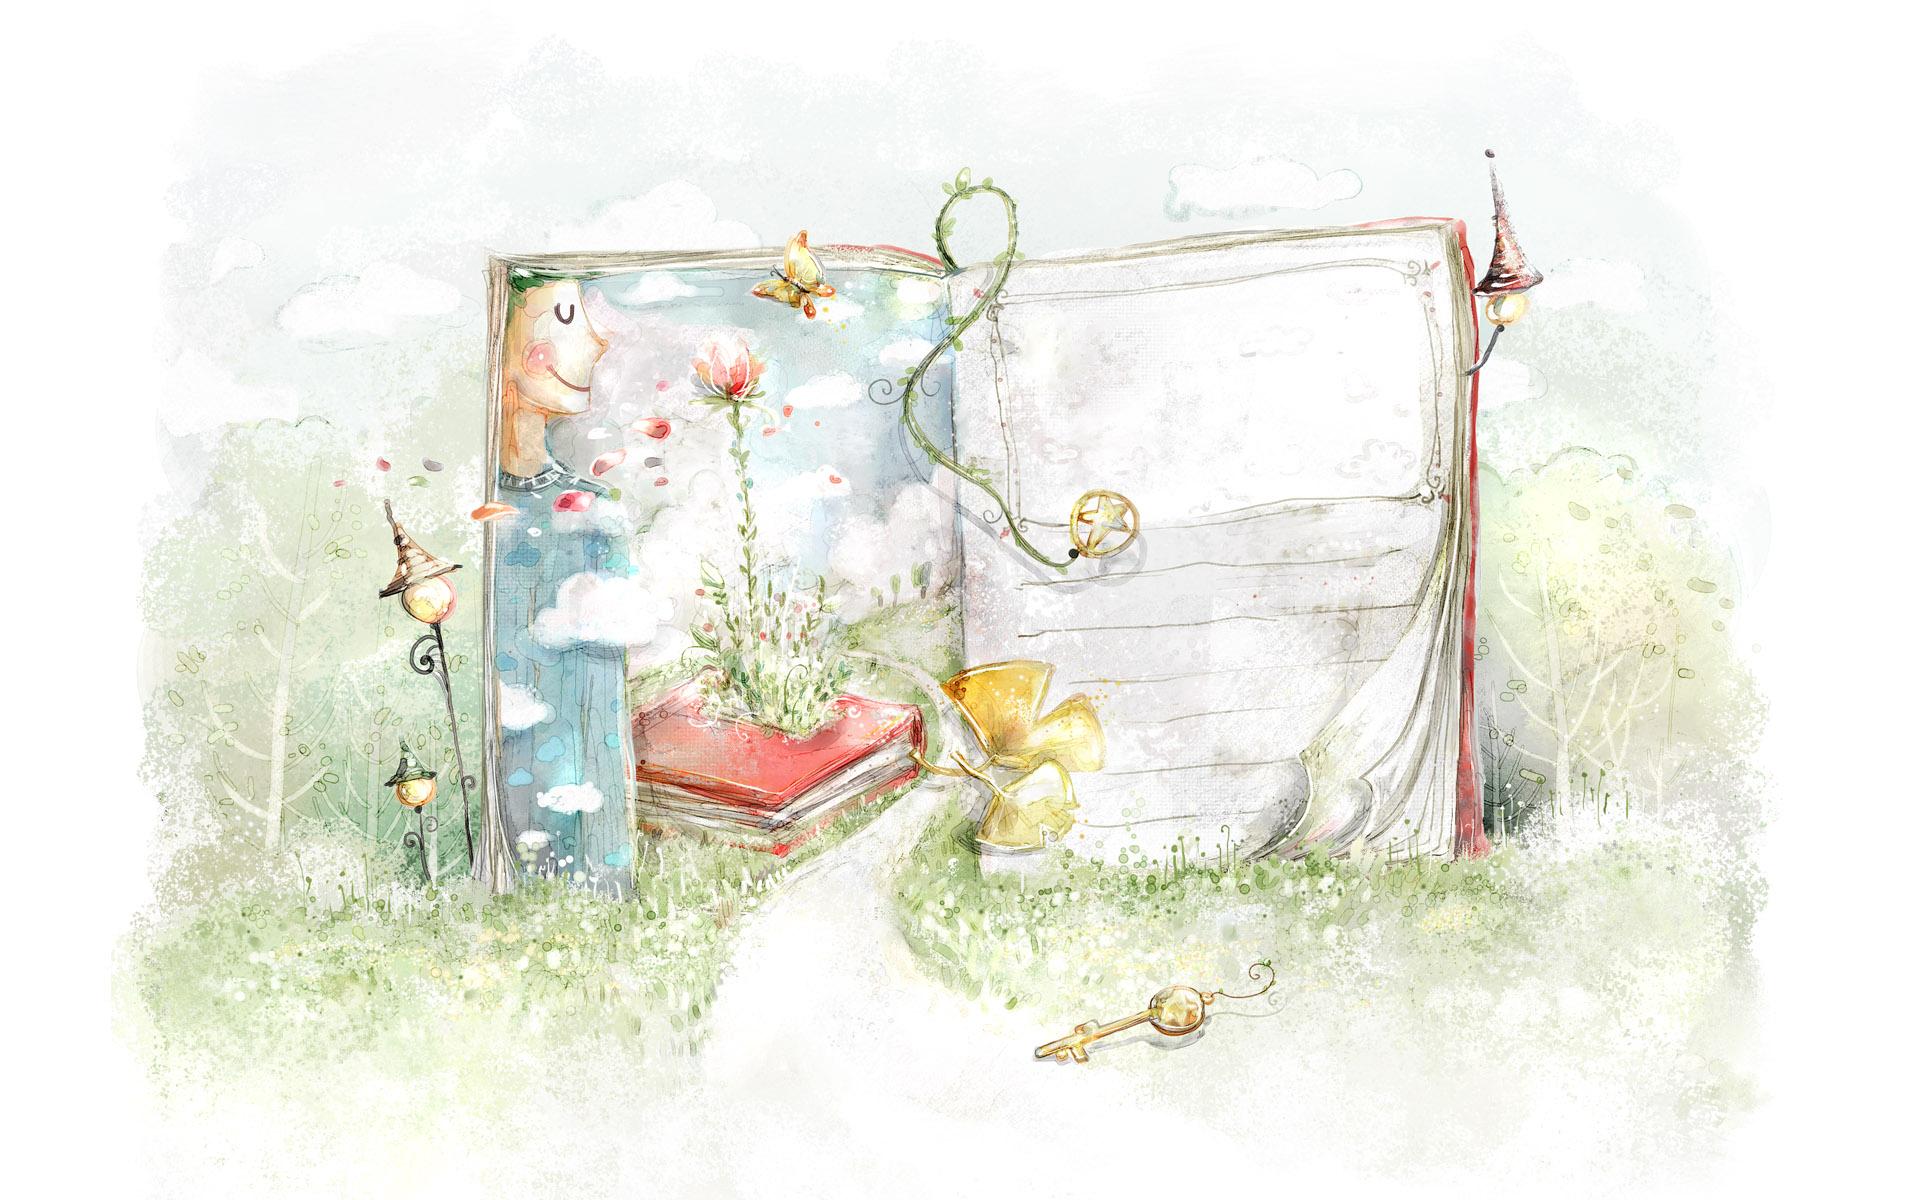 梦幻卡通风景壁纸